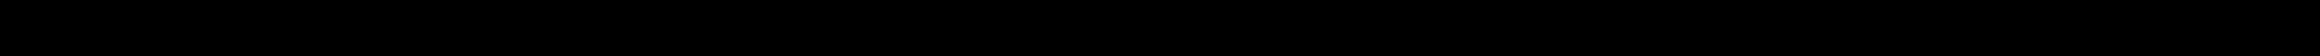 GSP 424945, 424946 Disco de travão